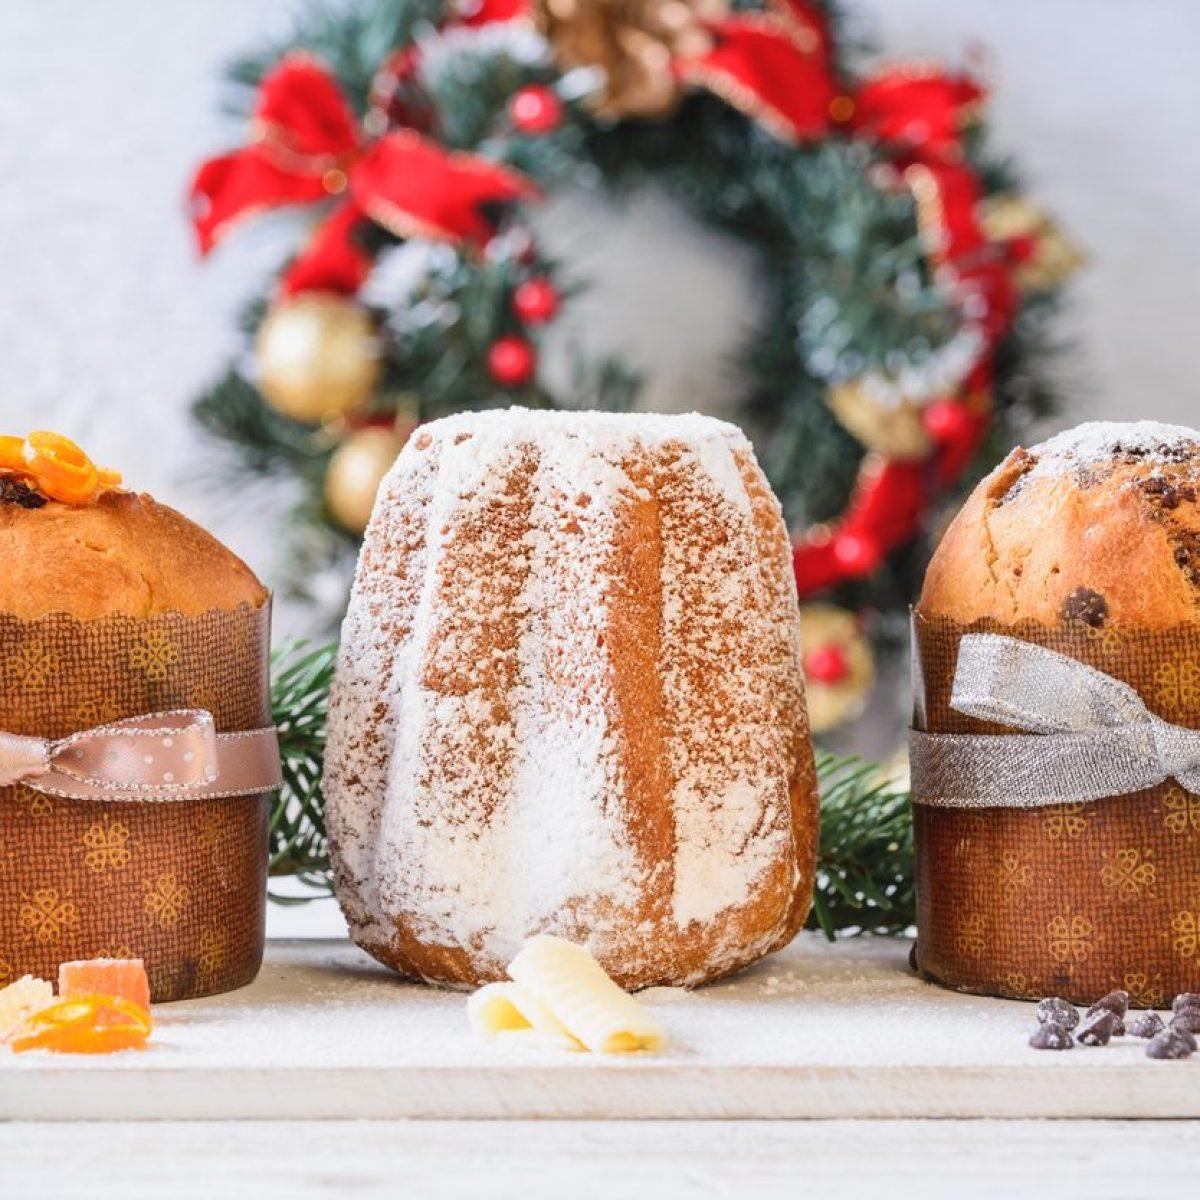 Dolci Siciliani Di Natale.10 Dolci Di Natale Tipici Della Tradizione Italiana